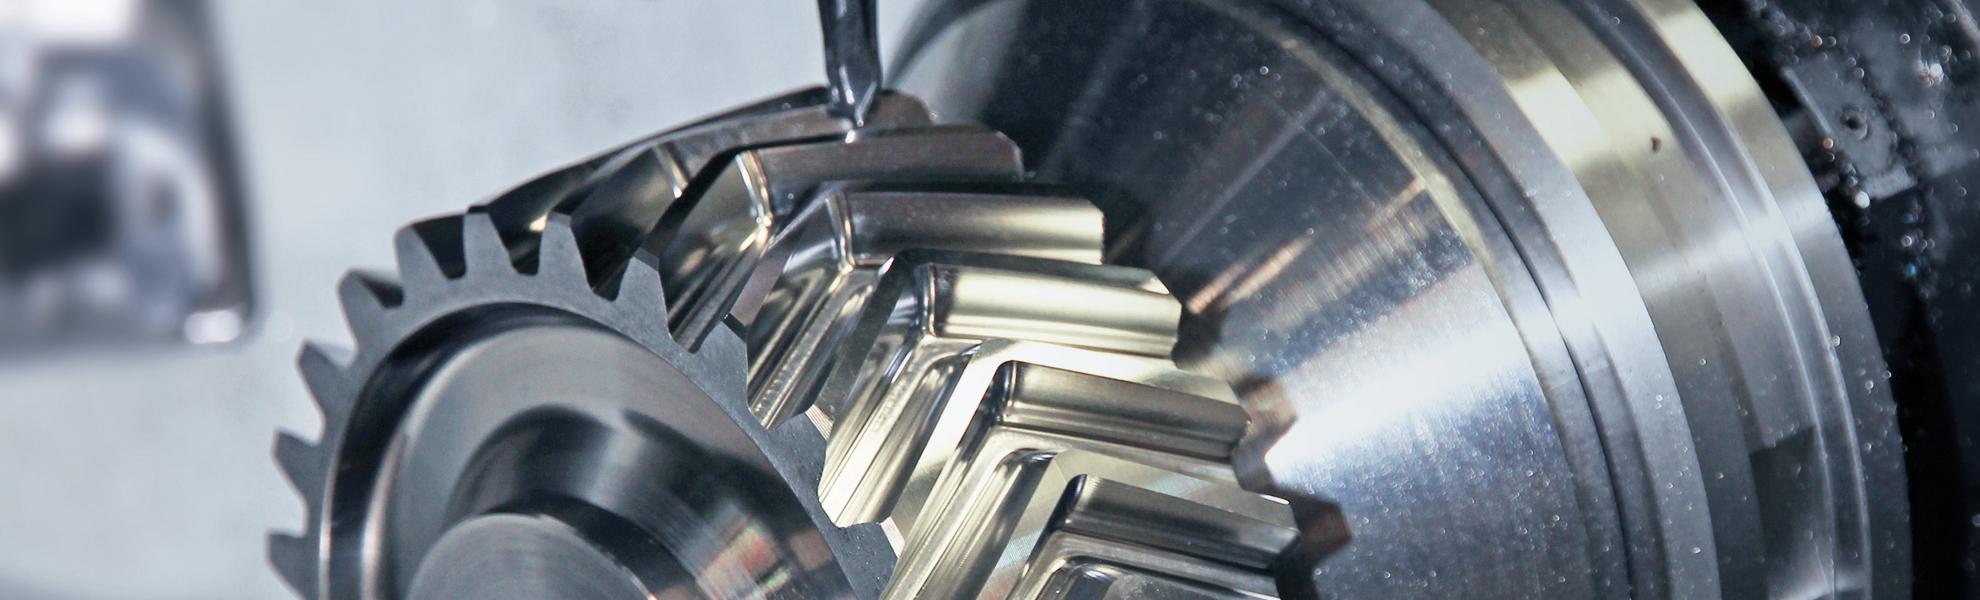 Roeders Machines Gears